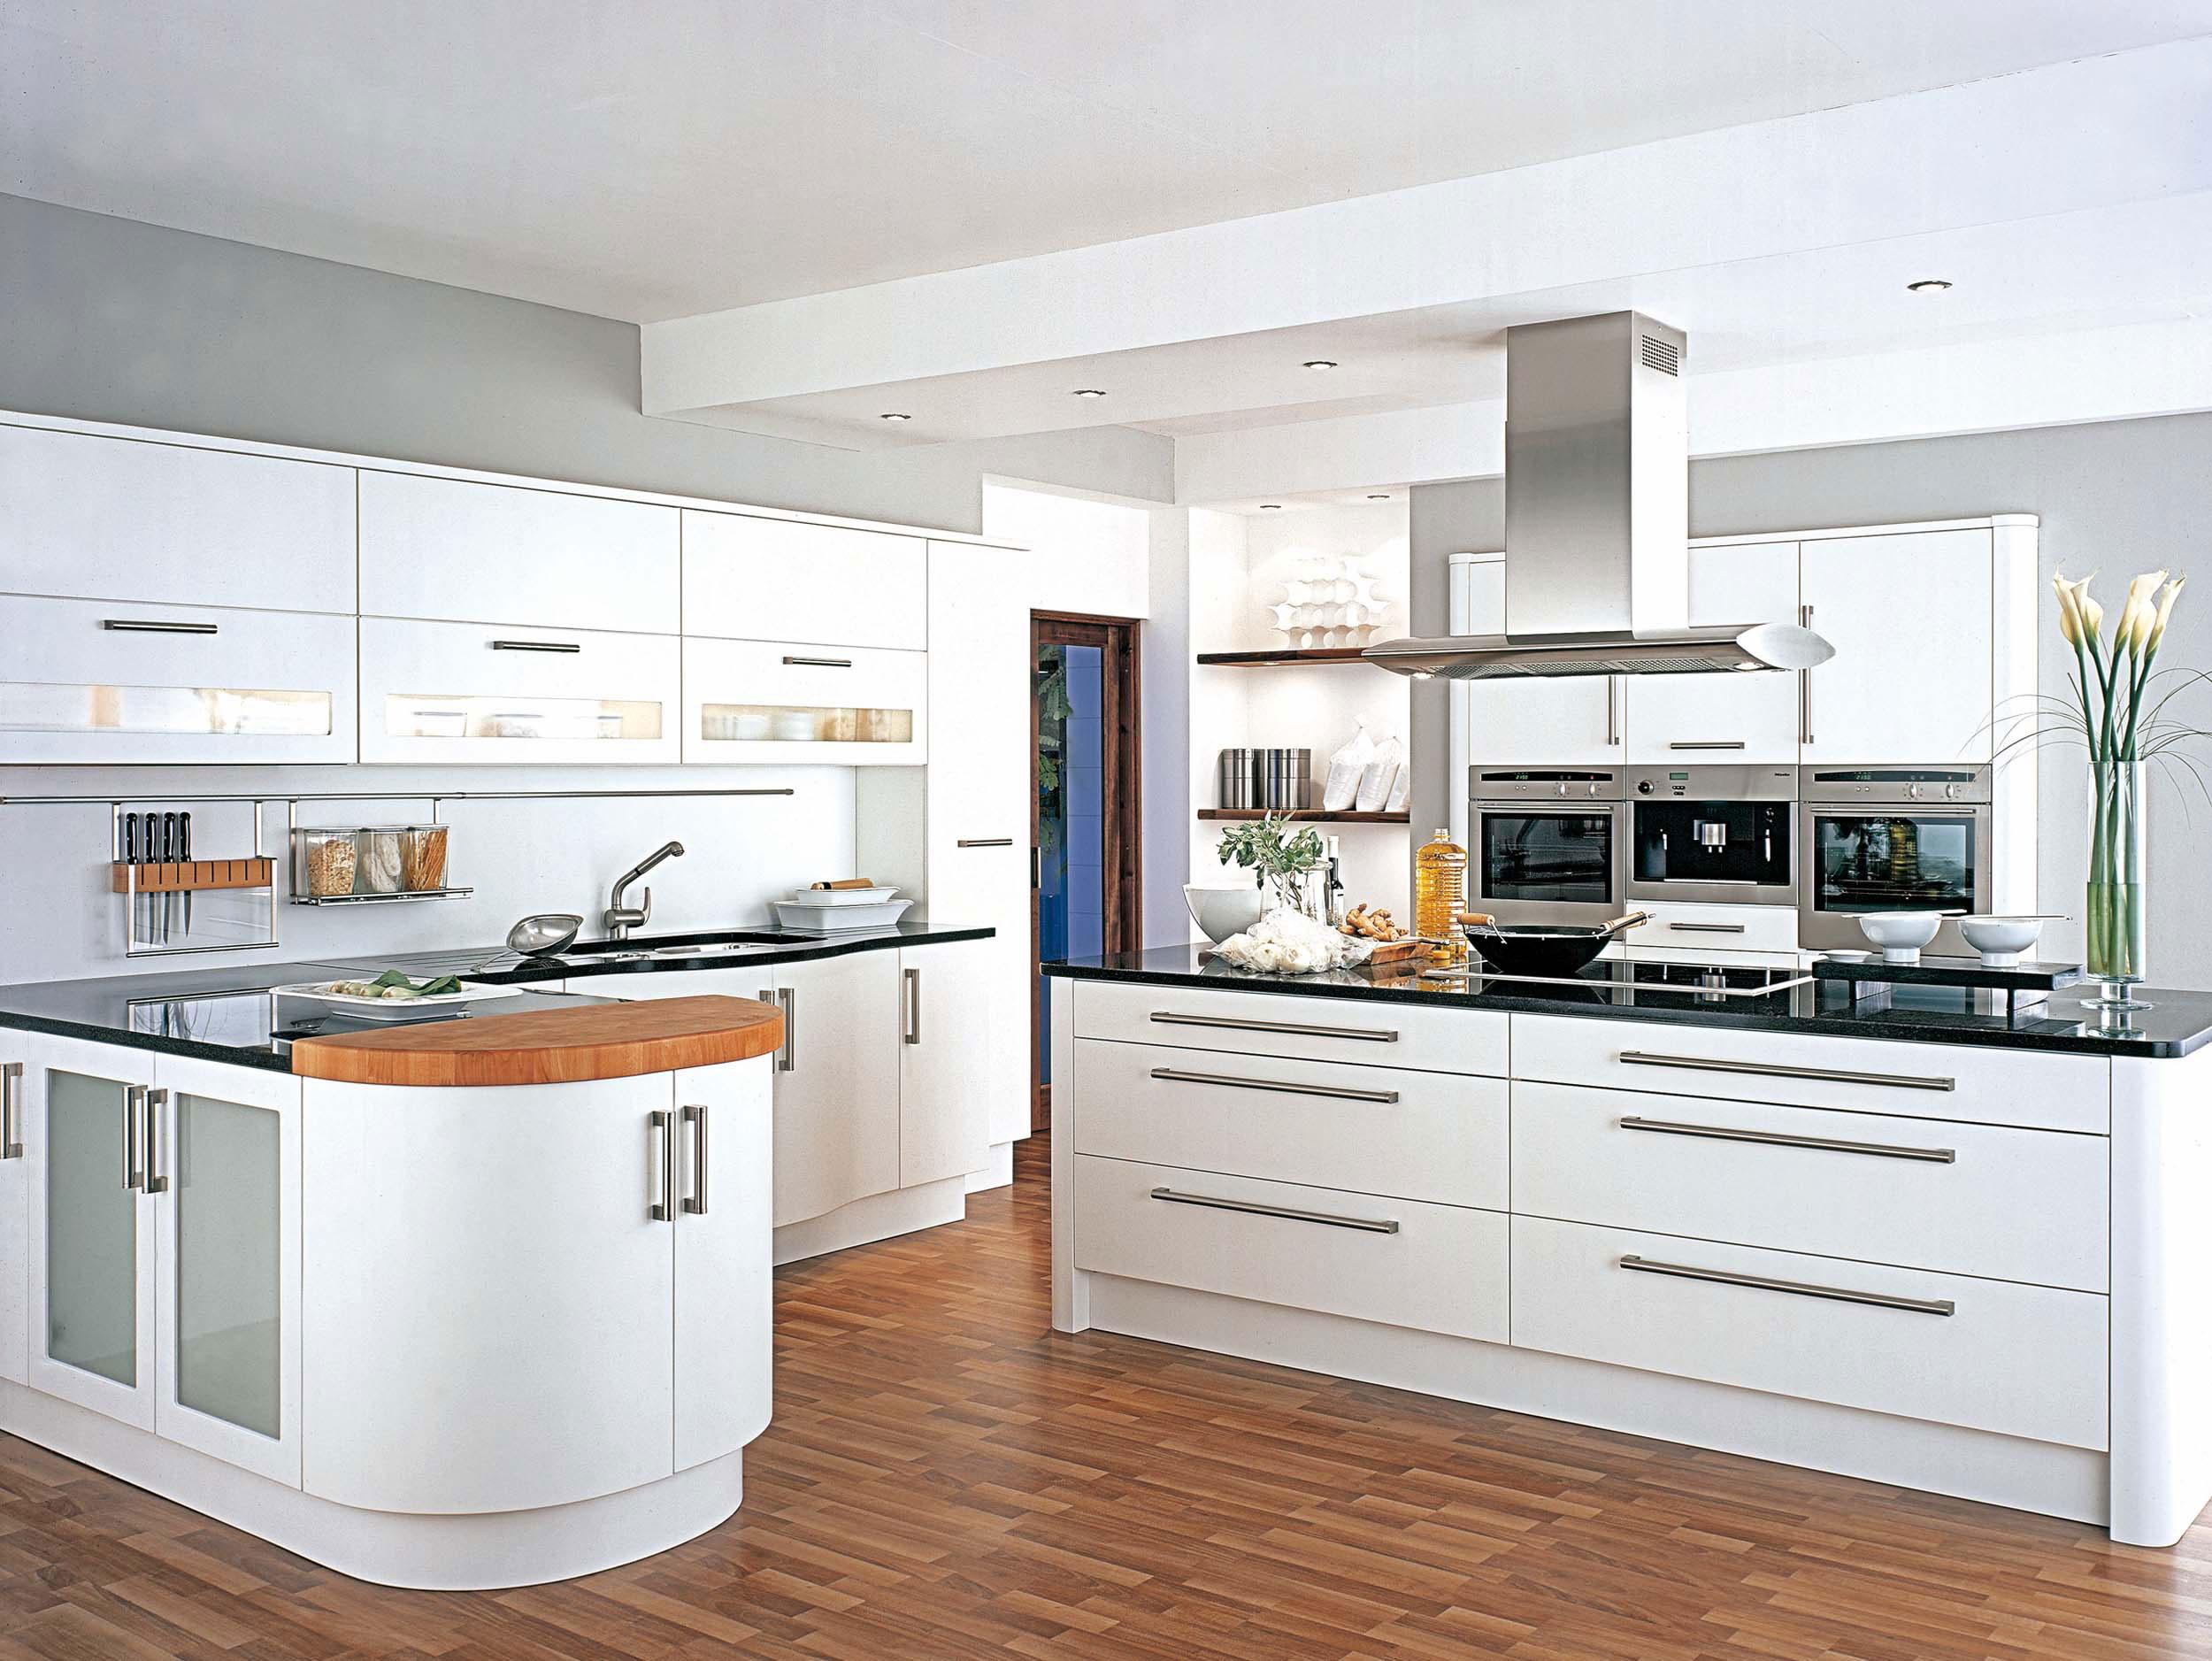 Complete Home Remodeling | Jmarvinhandyman